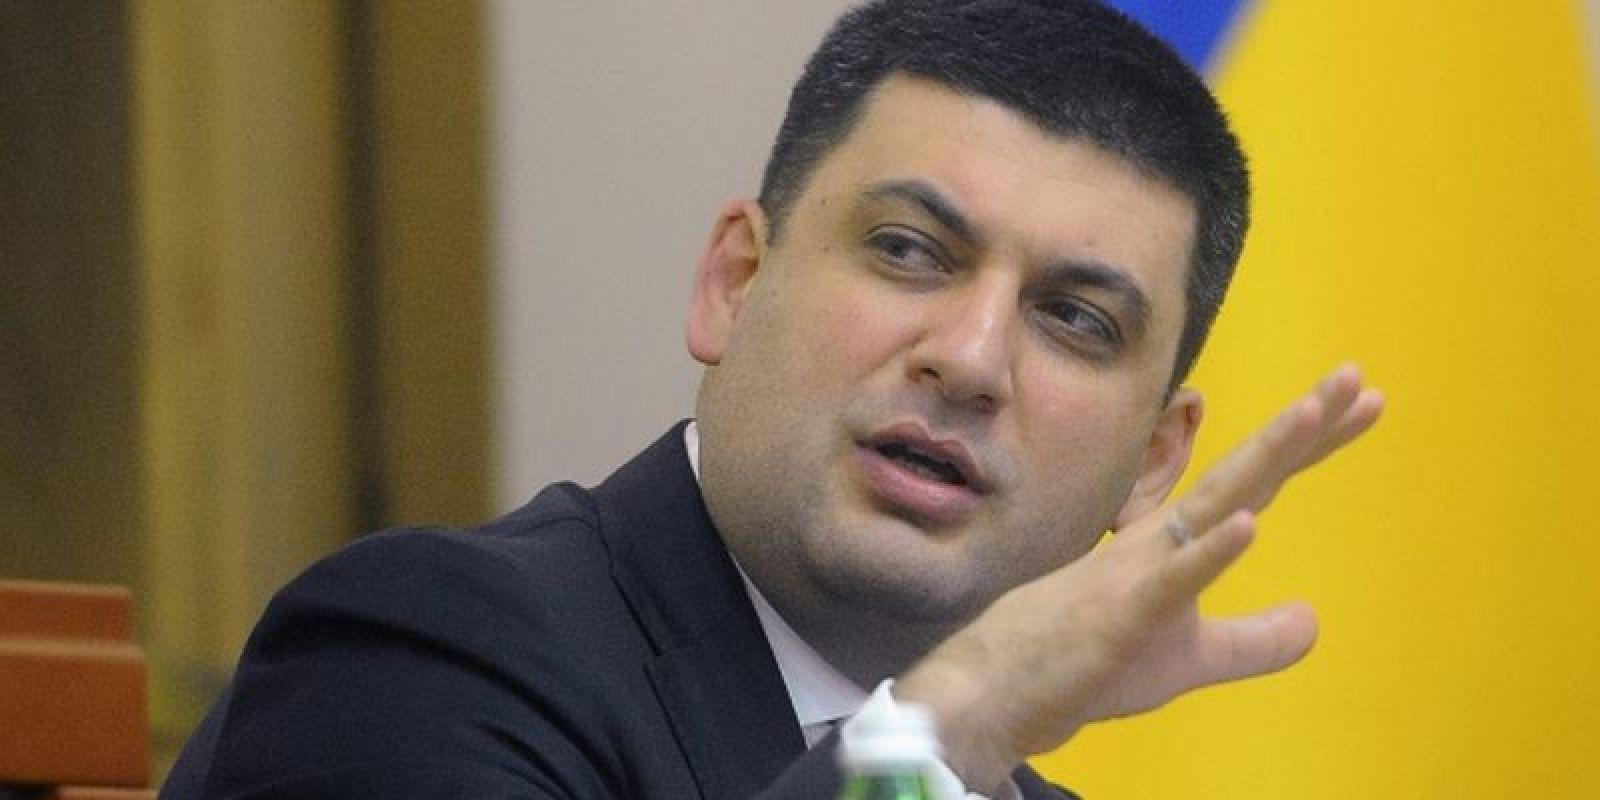 Гройсман: Чиновников будут стажировать в лучшей школе госуправления Европы